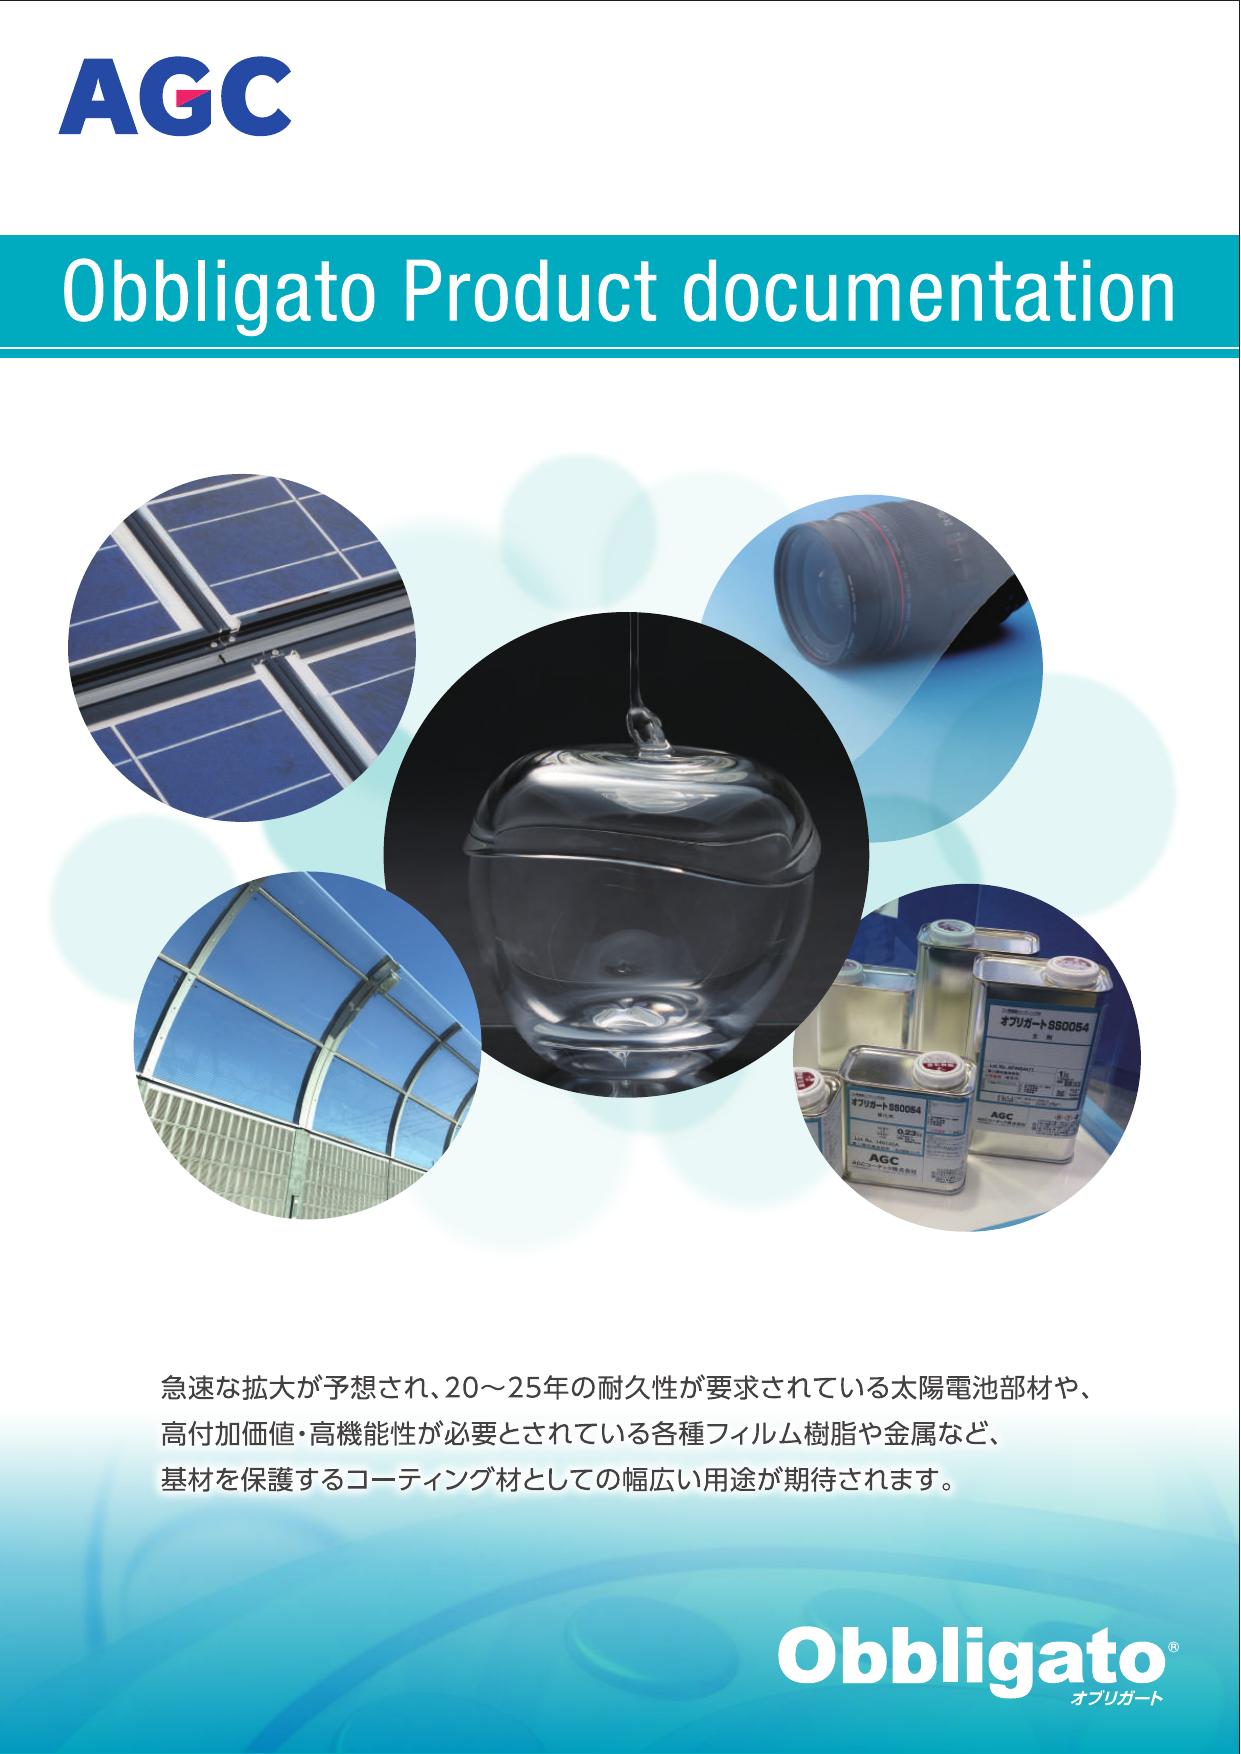 フッ素樹脂コーティング材「オブリガート」カタログ